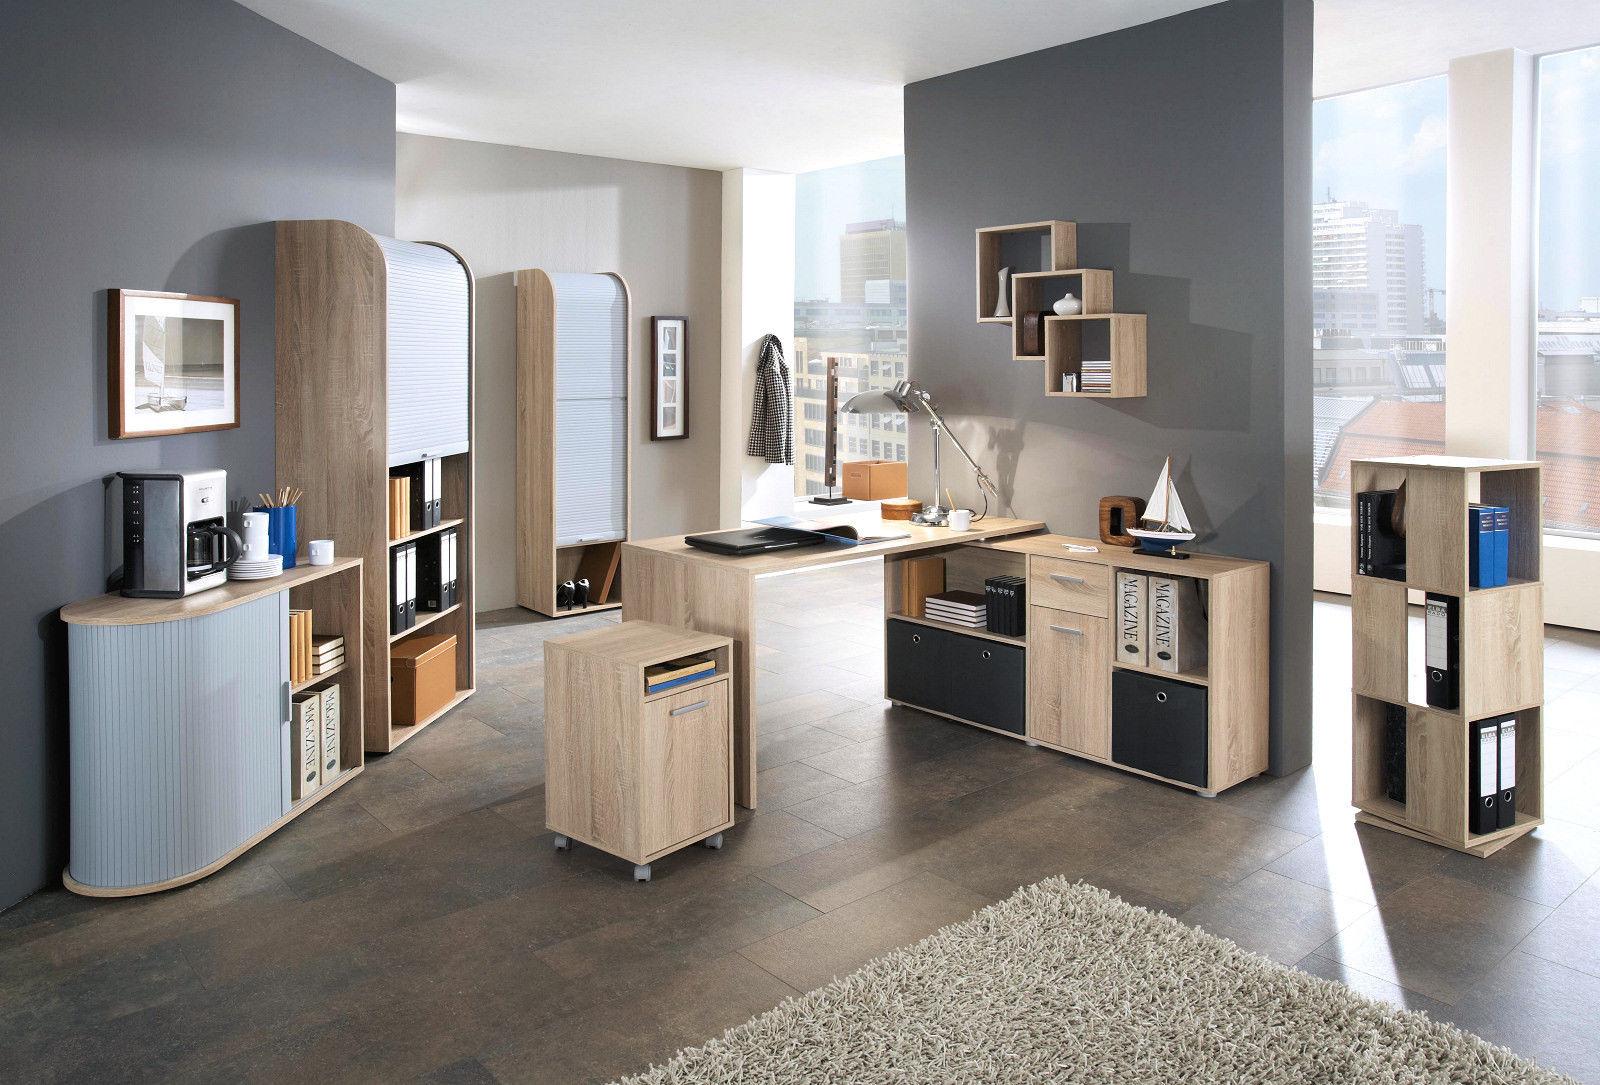 Süß sonoma Eiche Sideboard Galerie Von Wohndesign Ideen